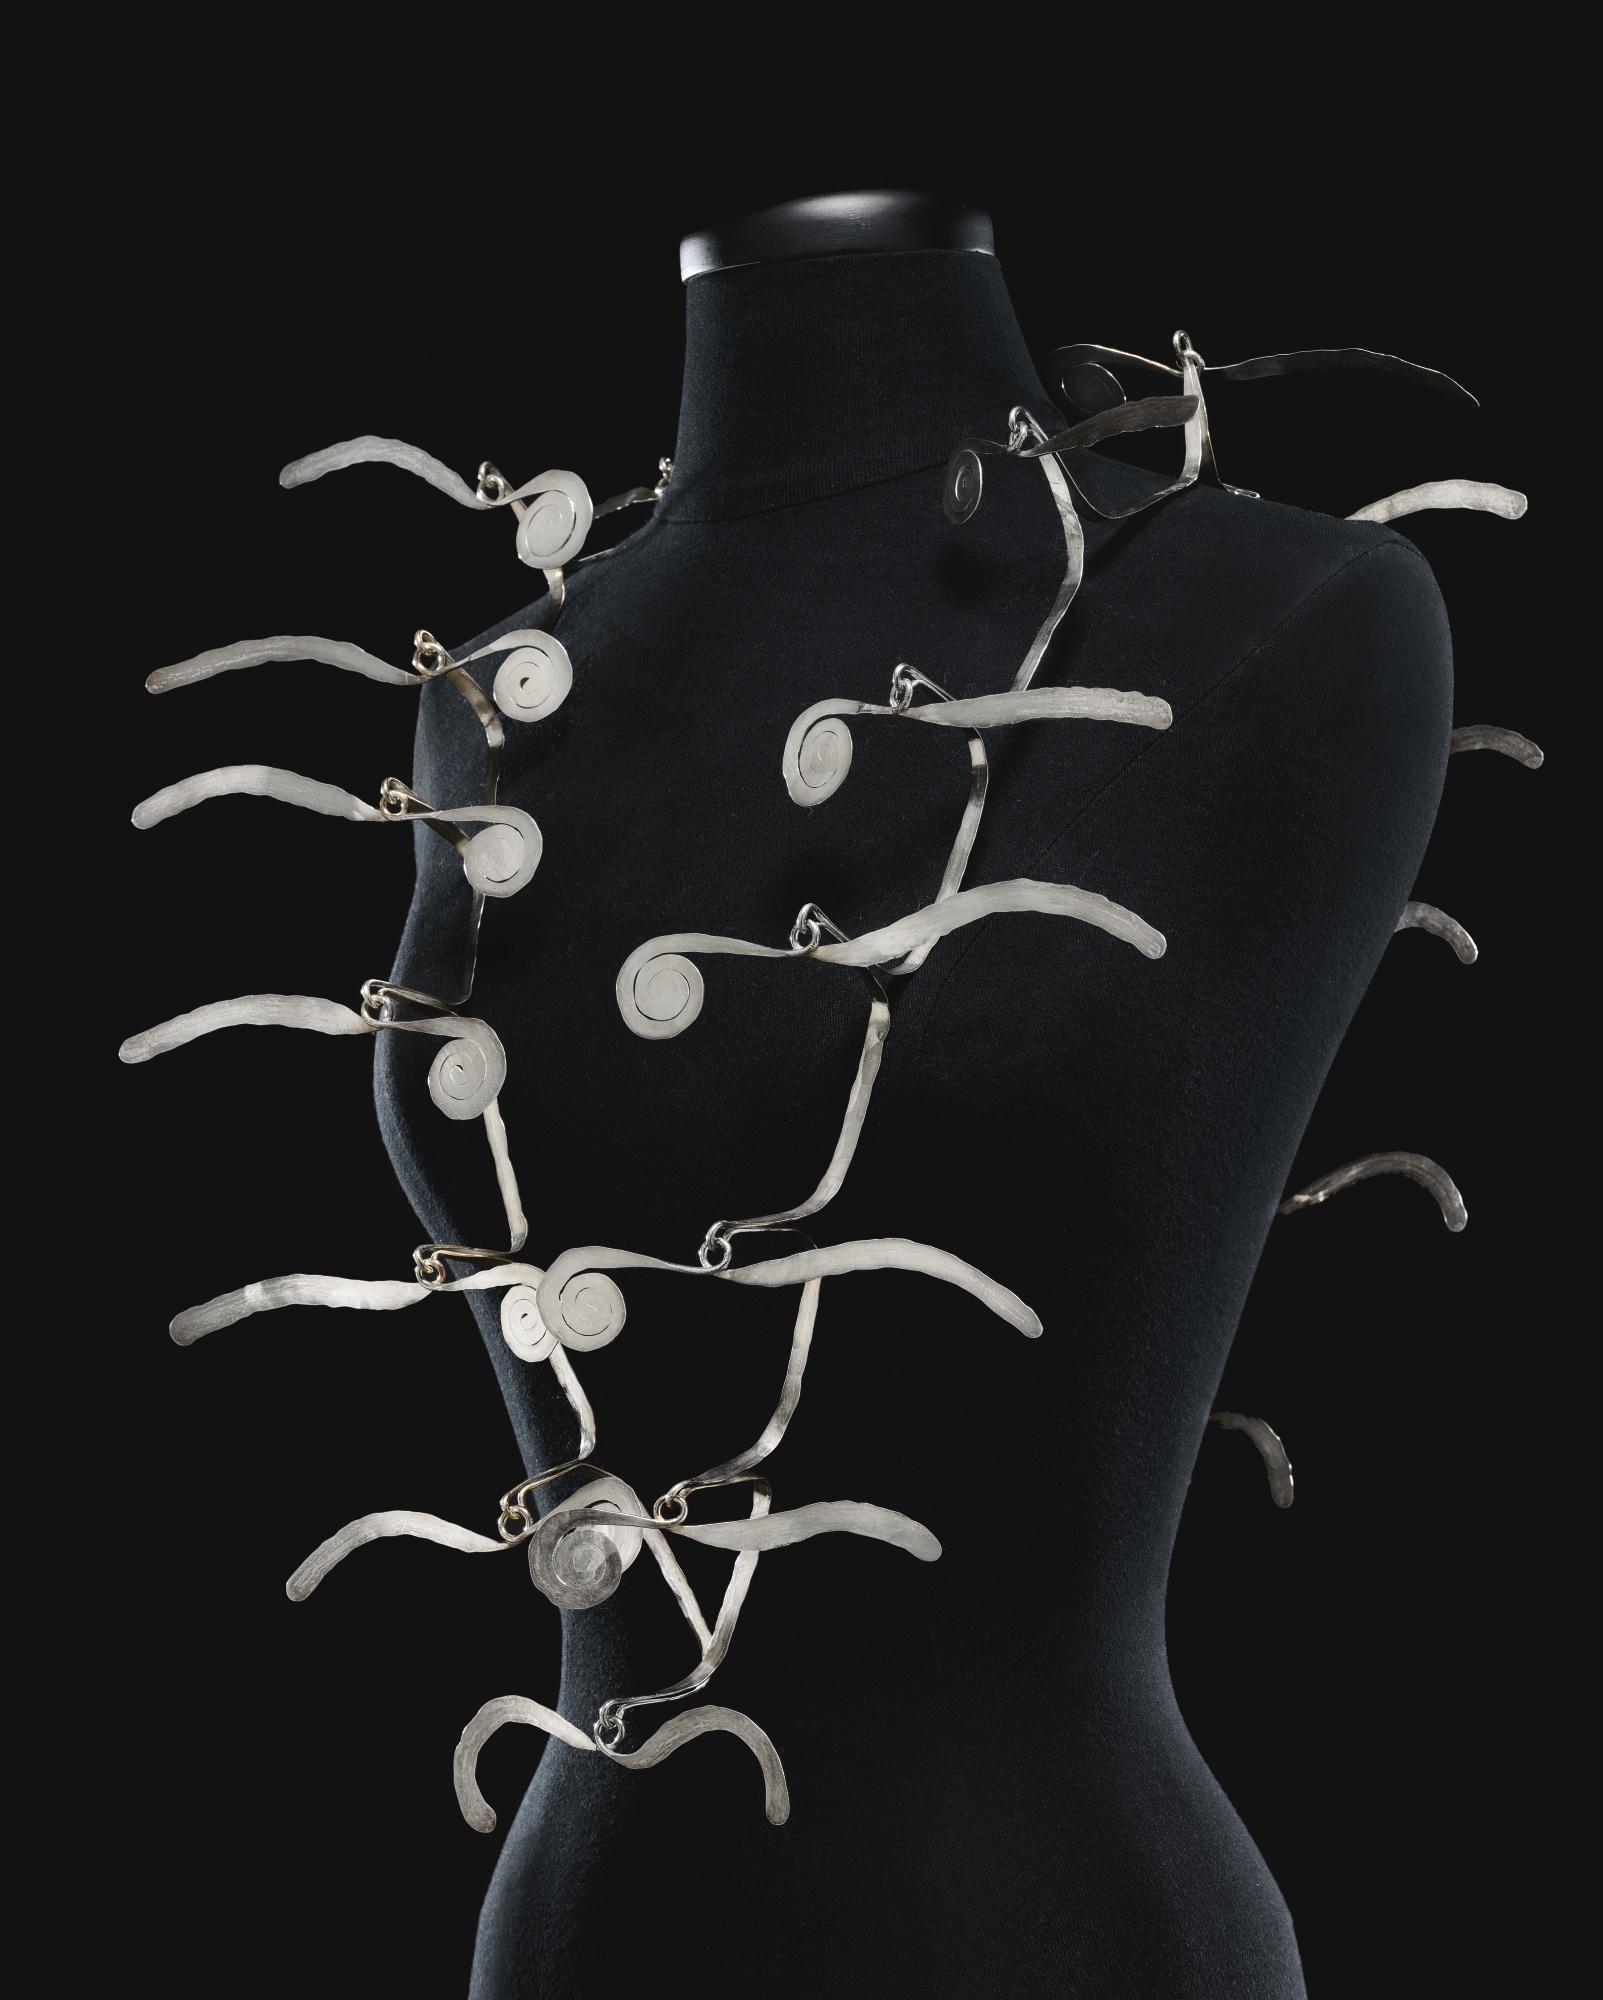 Lot 101, Alexander Calder, Silver Necklace, ca. 1940,  Estimate $400,000 – 600,000